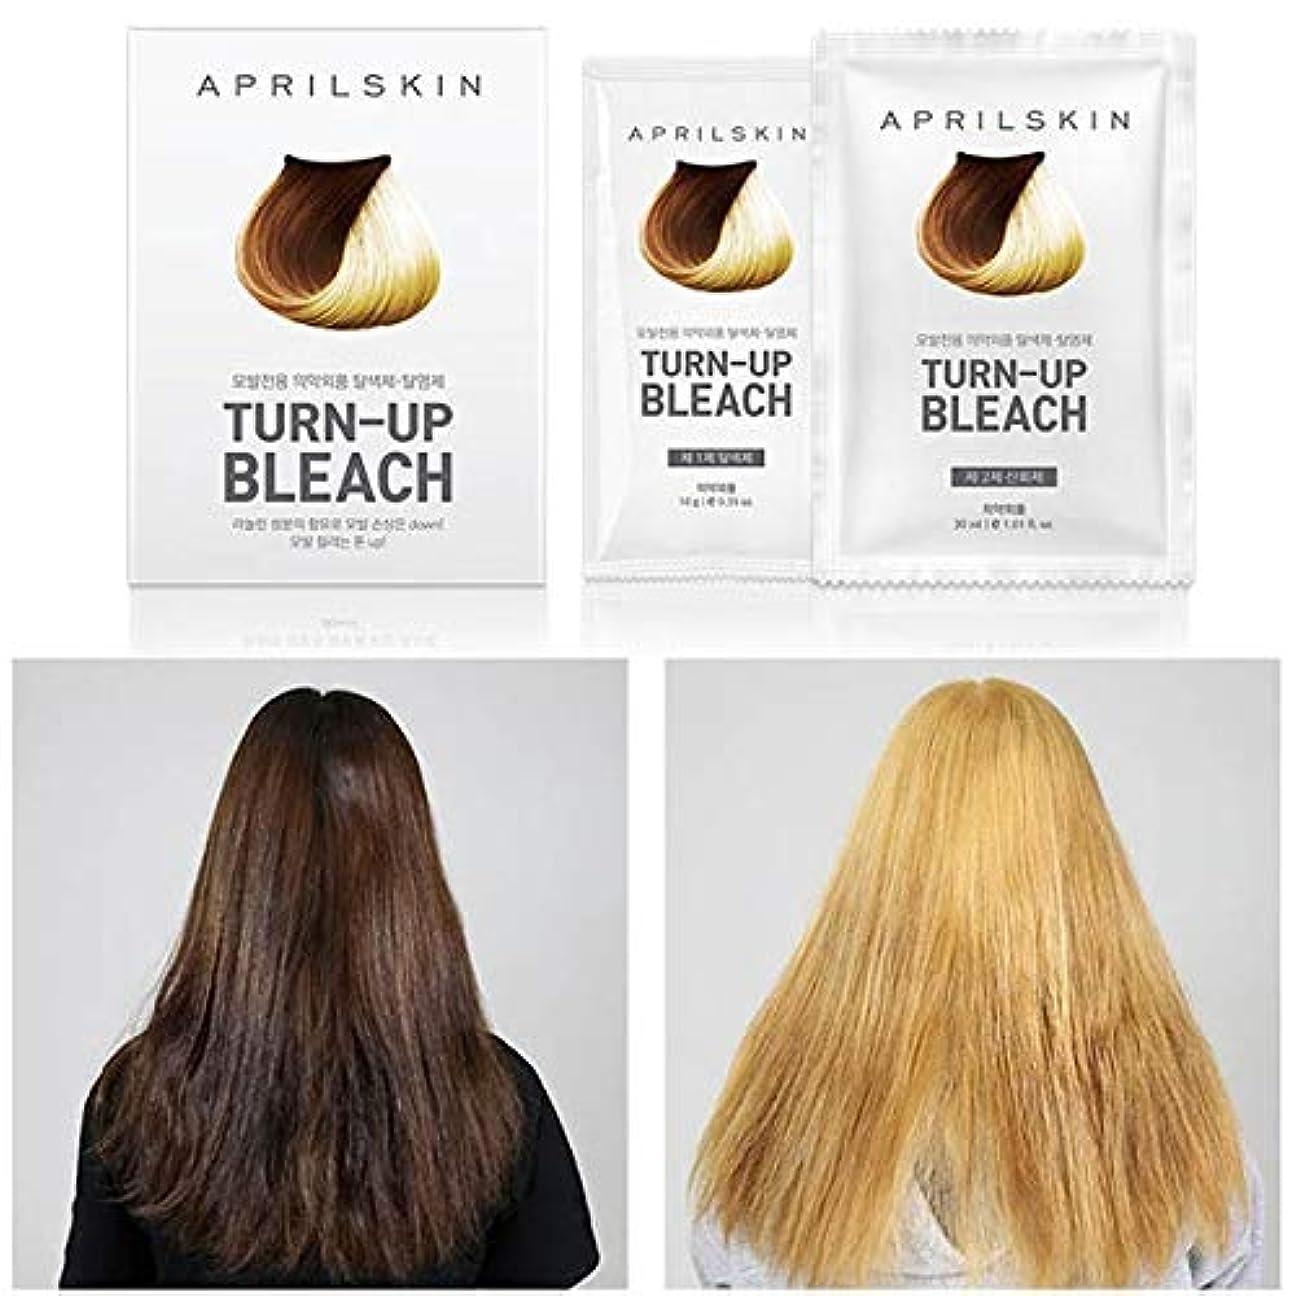 日曜日スリル吸収するエープリル?スキン [韓国コスメ April Skin] 漂白ブリーチ(ヘアブリーチ)Turn Up Bleach (Hair Bleach)/Korea Cosmetics